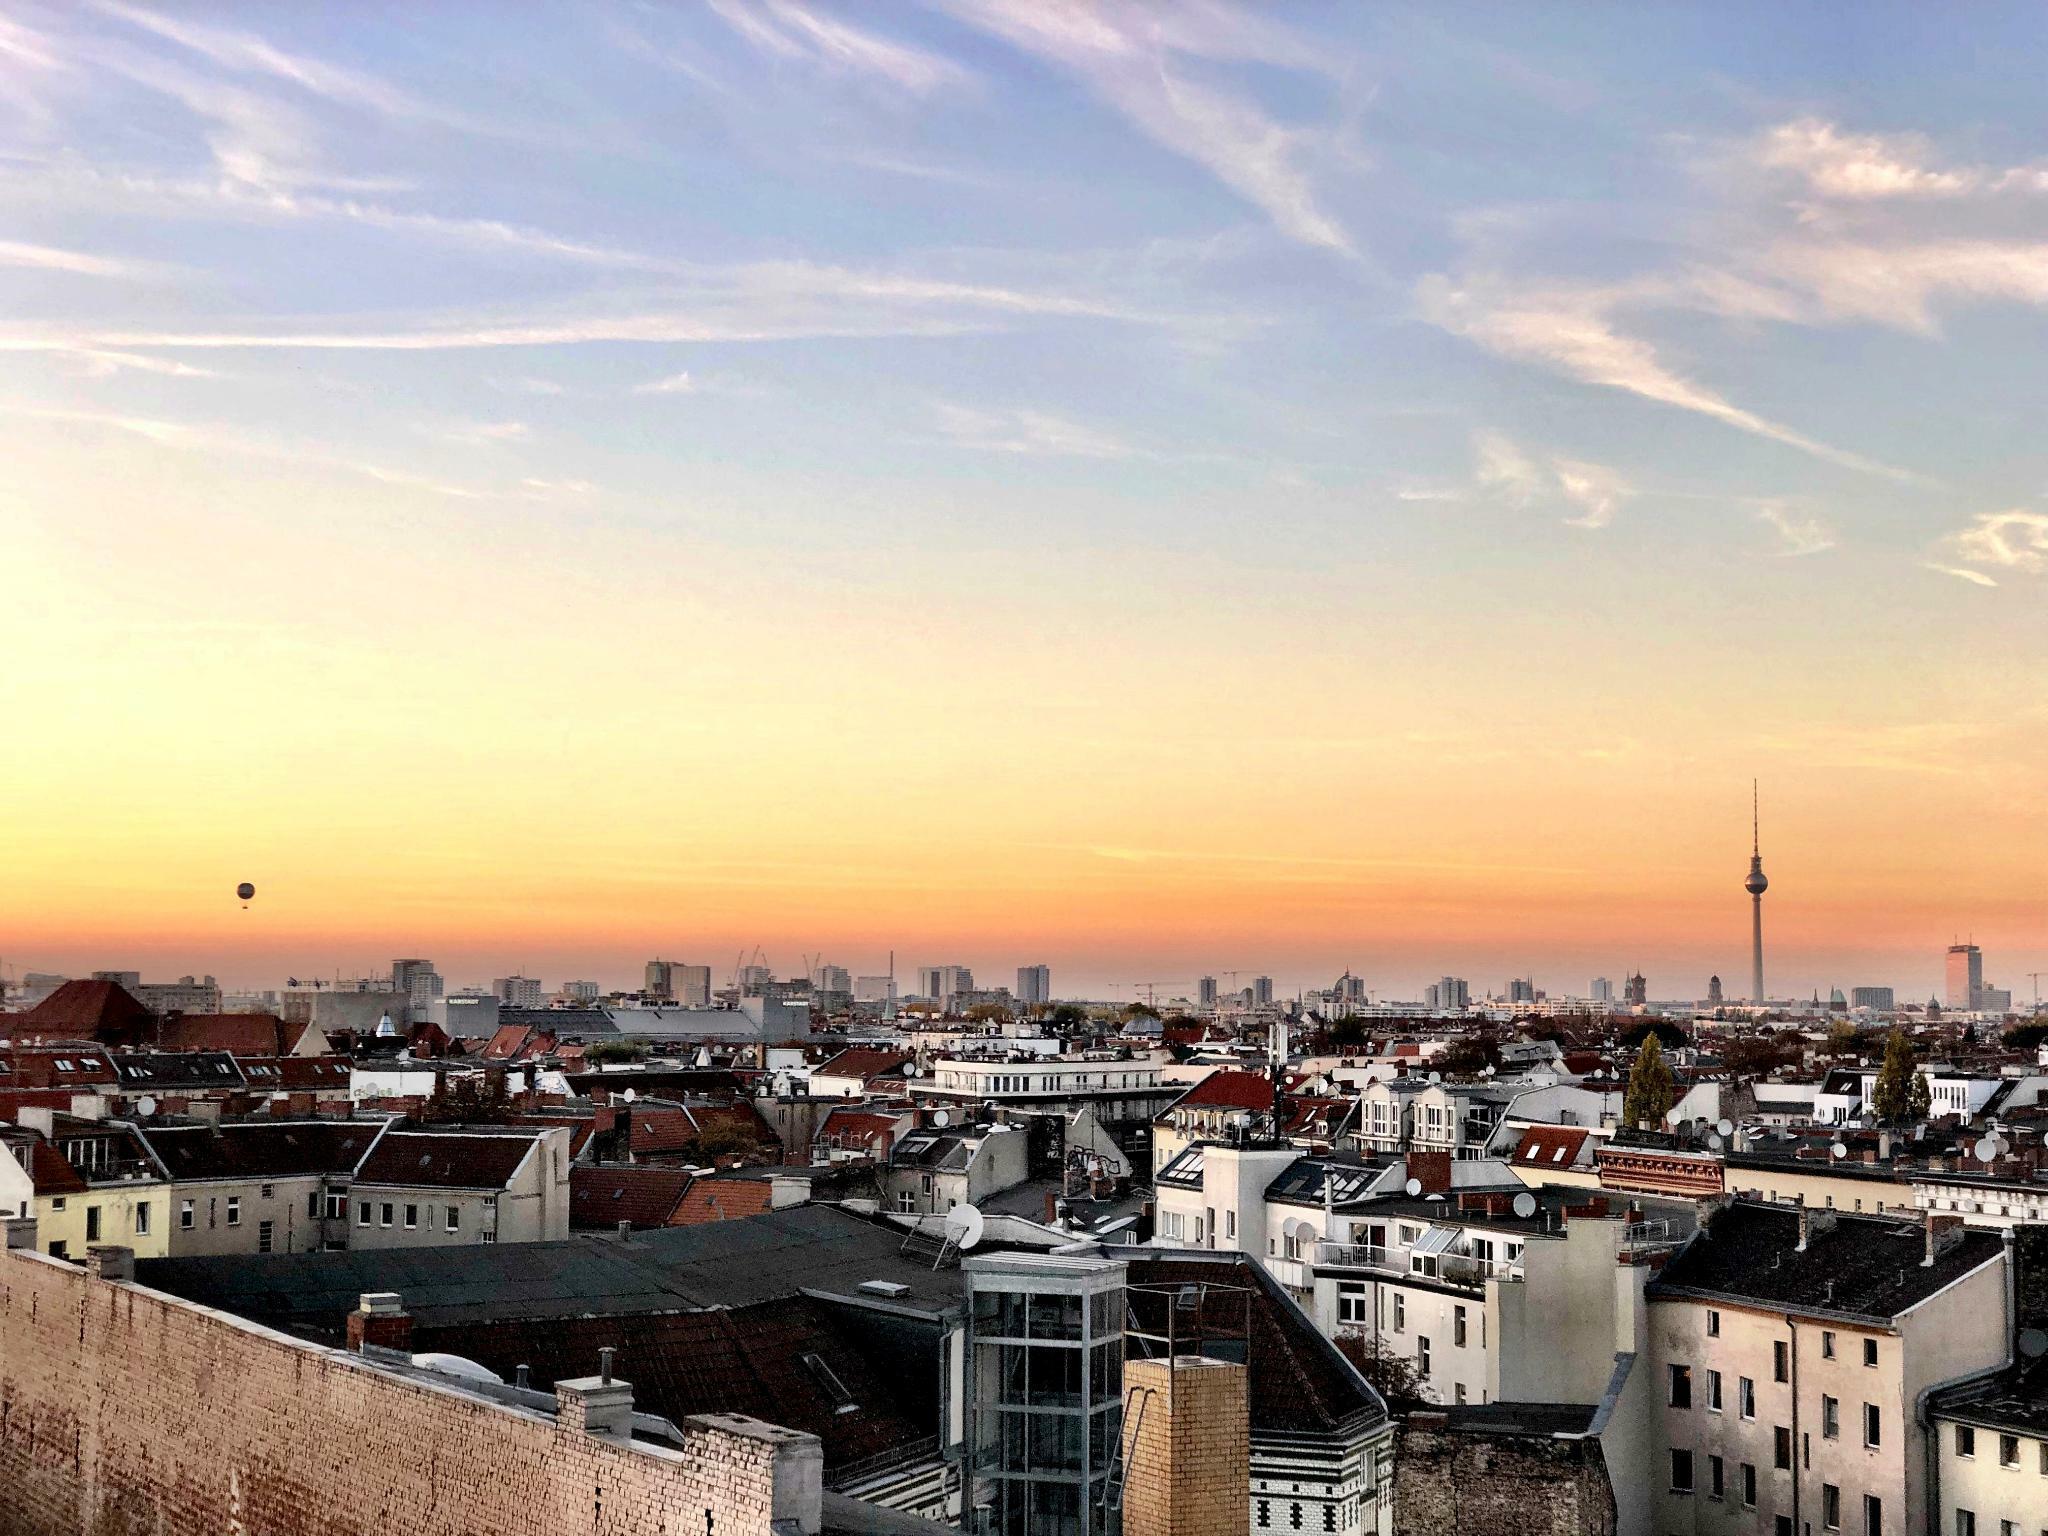 Vorkaufsrechte in Großstädten – Eine Frage der Haftung